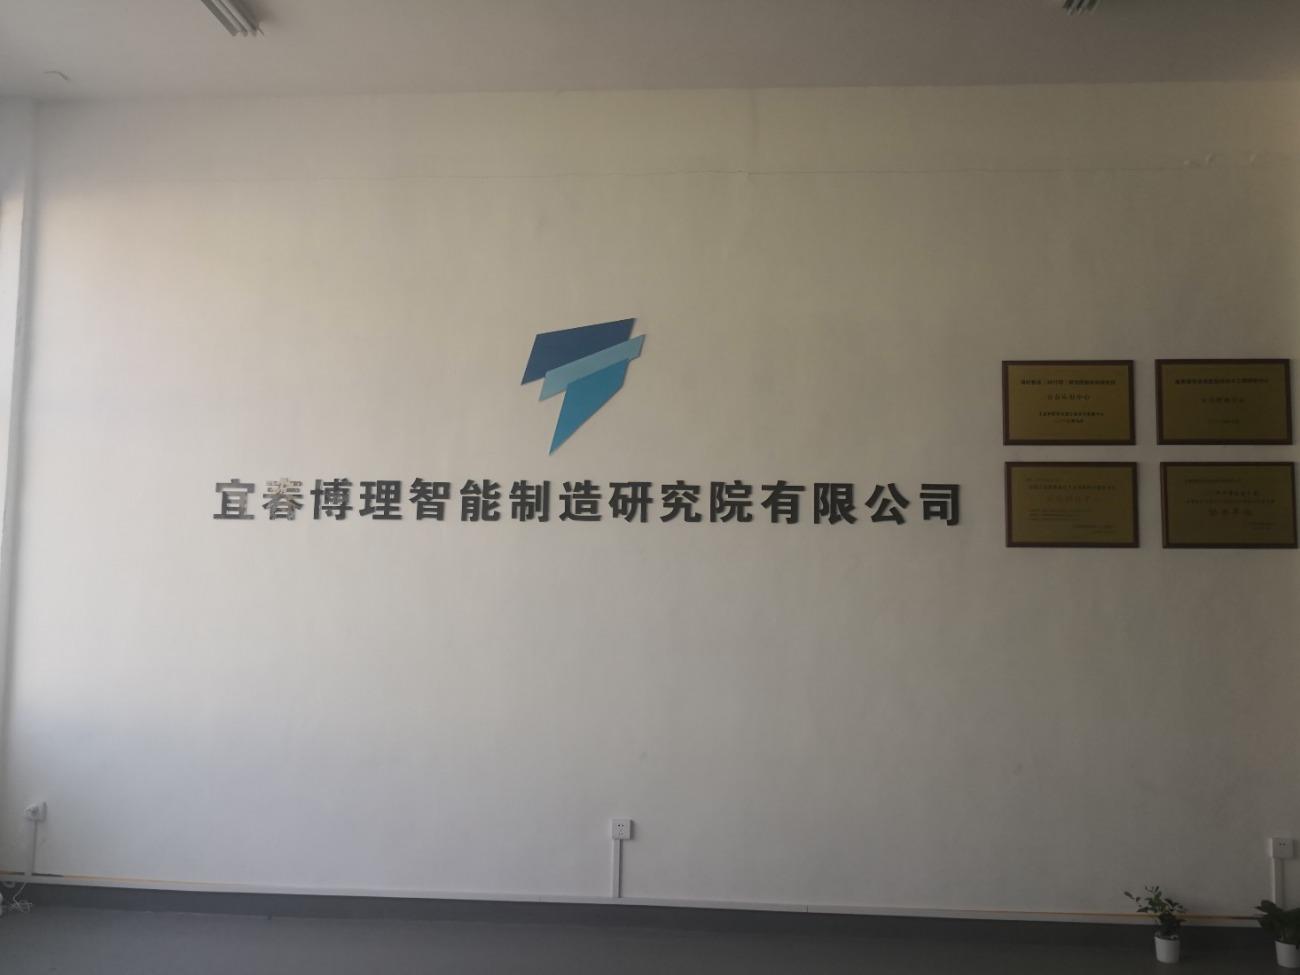 宜春博理智能制造研究院有限公司